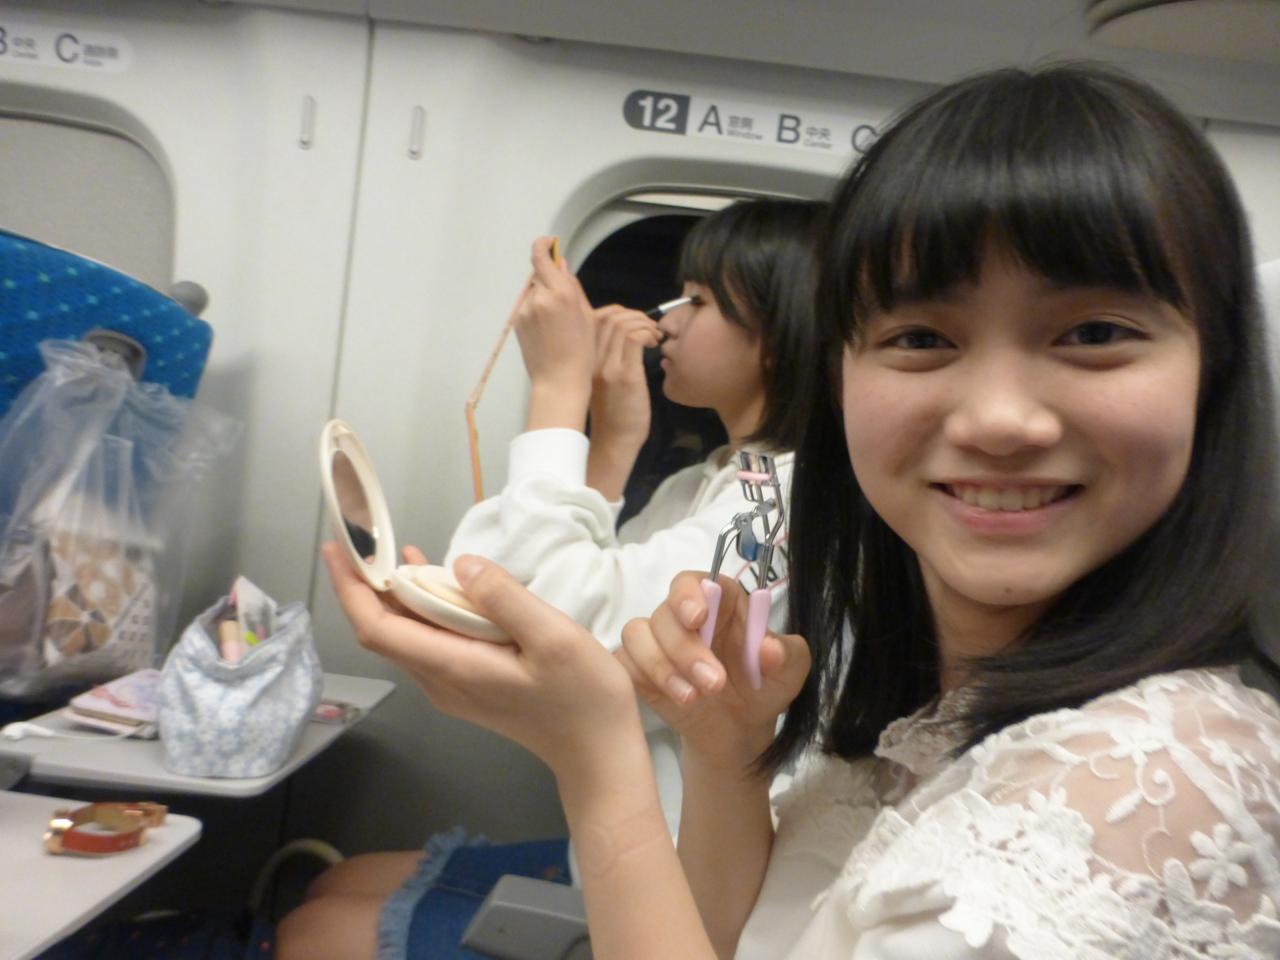 Saat sedang di shinkansen. Akhir ini mulai bisa melakukan make up sendiri. Bertumbuh ya ! (Sora/Arisa)